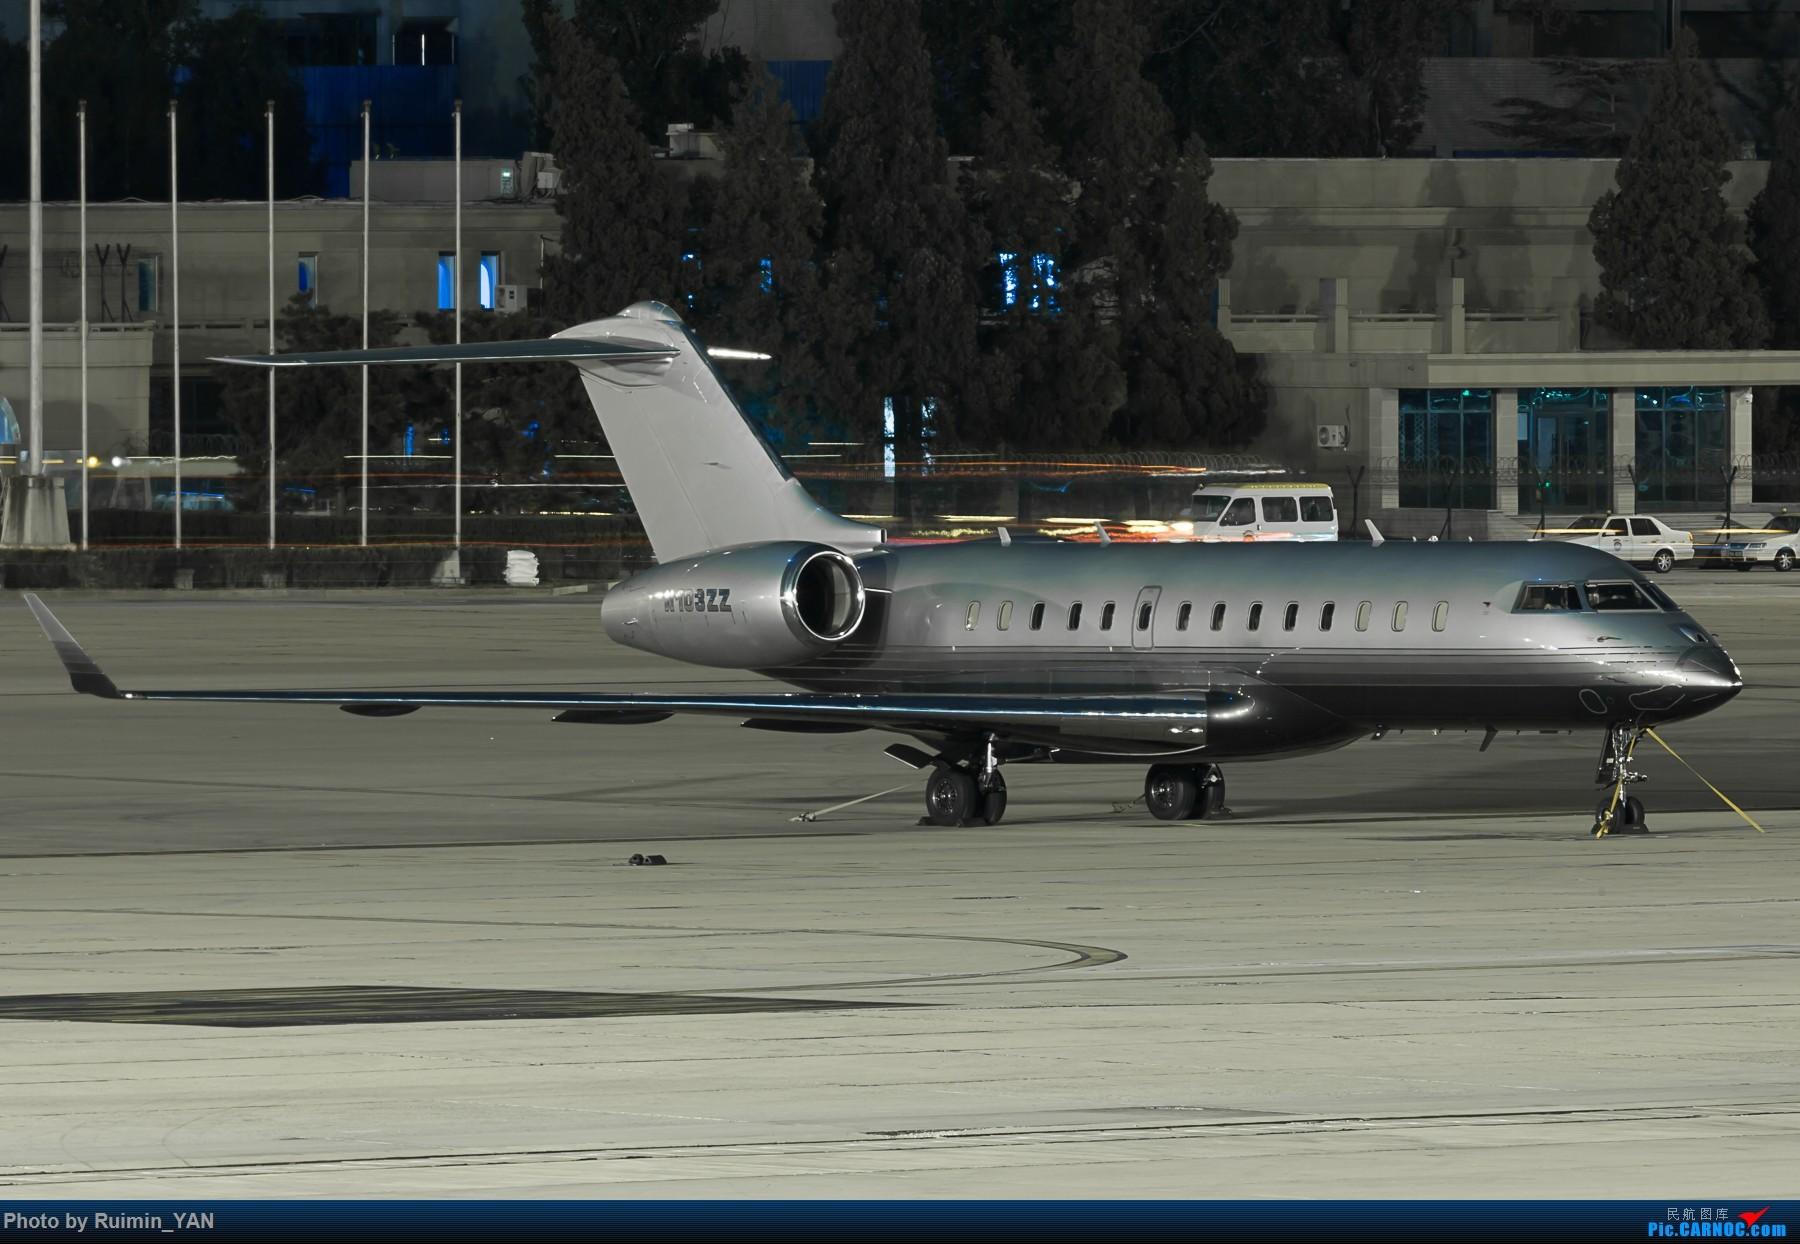 [原创]【PEK】【夜景】【公务机】美国富国银行 全灰涂装 N103ZZ, 庞巴迪 Bombardier Global 5000 BOMBARDIER BD-700-1A10 N103ZZ 中国北京首都国际机场